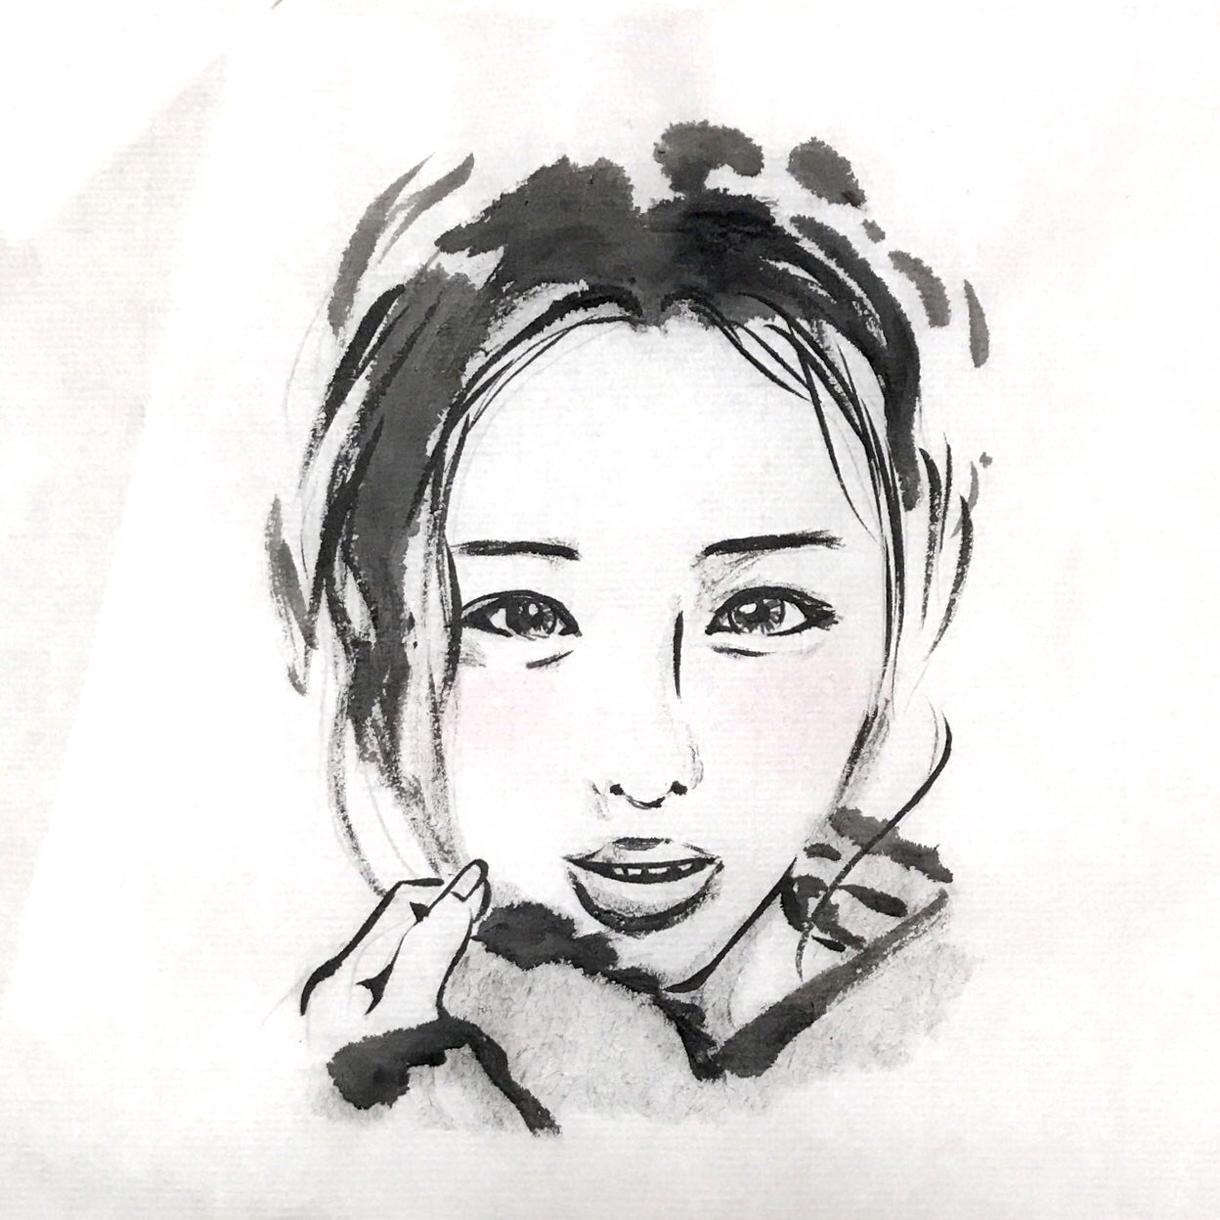 墨絵調の似顔絵制作します 個性的な似顔絵を作ってみたい方に!